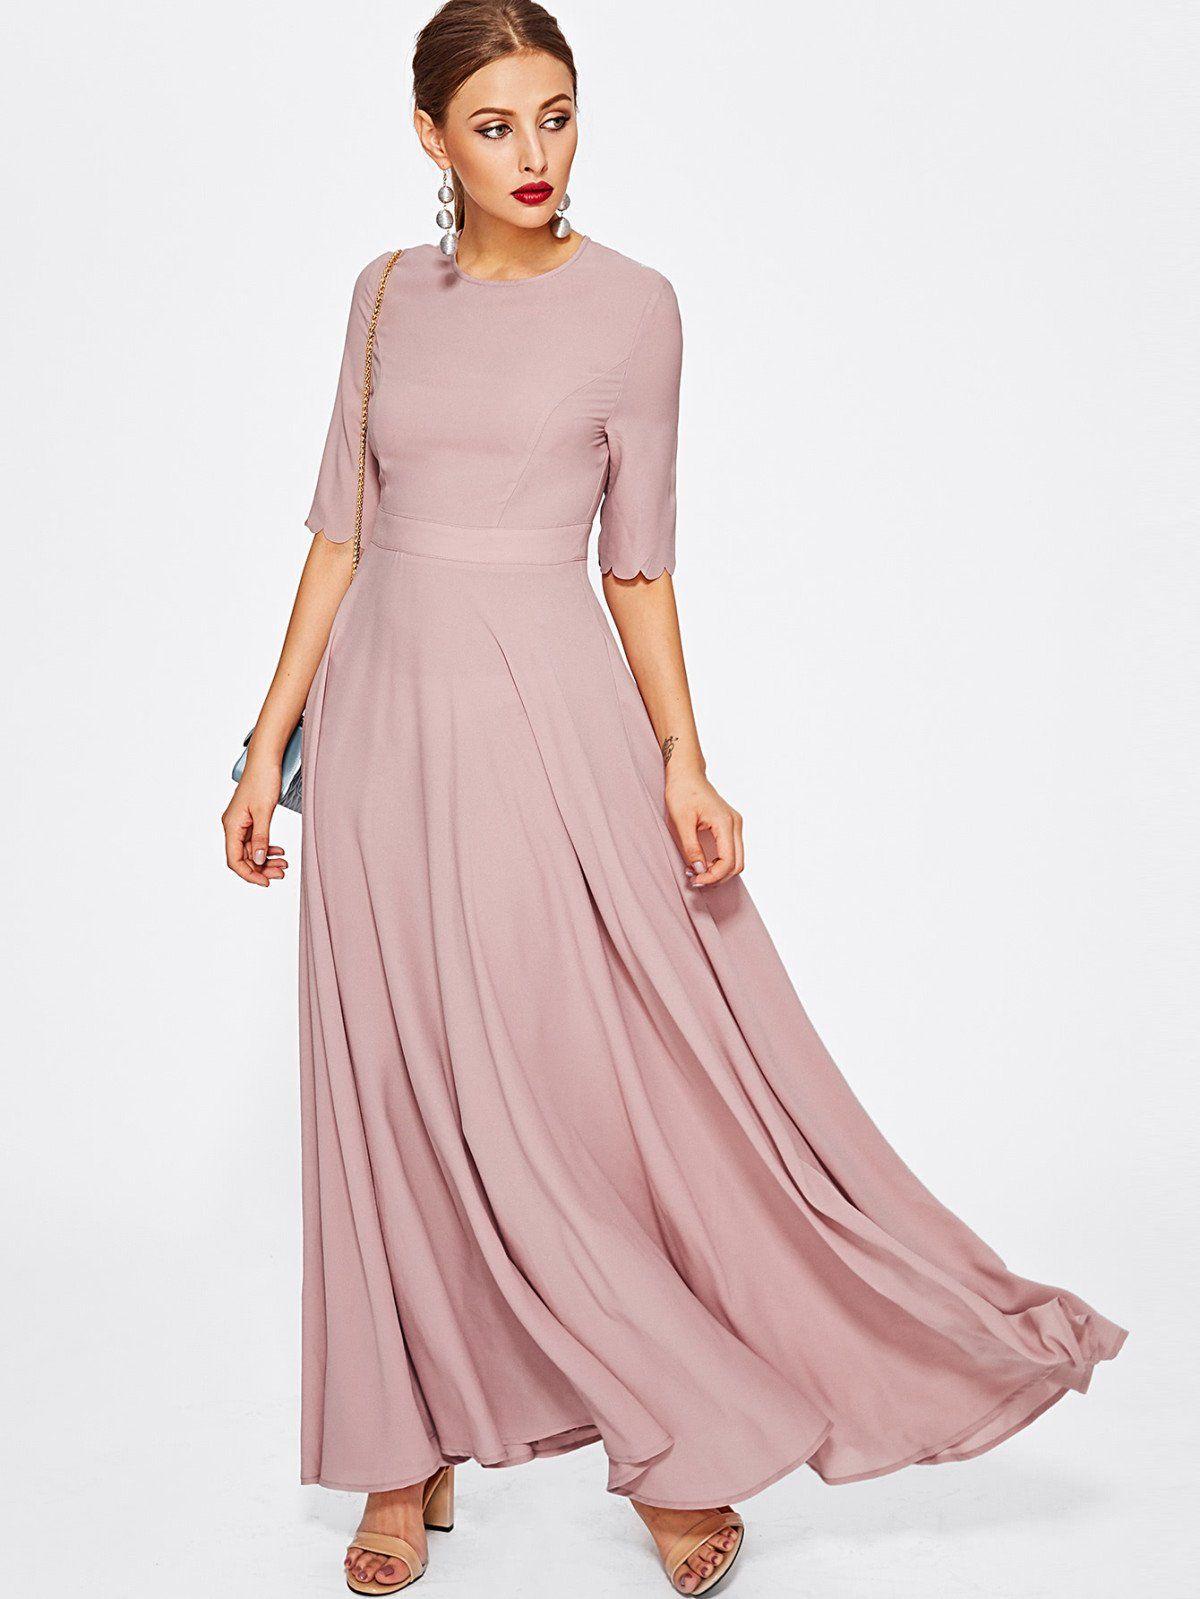 Half Sleeve Fit & Flare Full Length Dress | Full length dresses ...